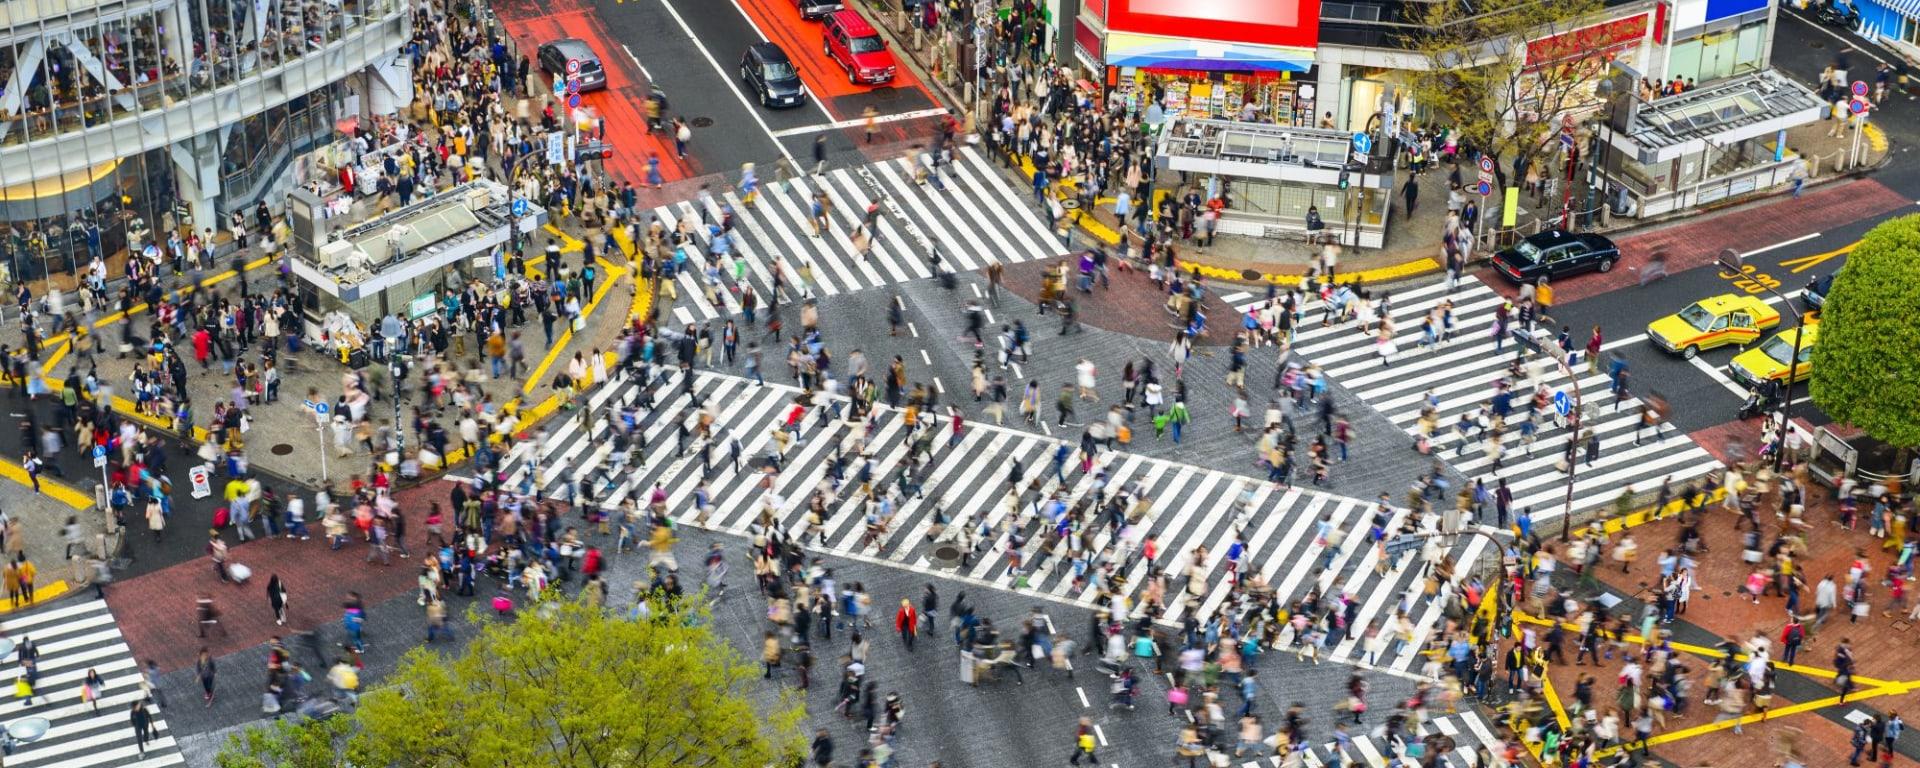 Höhepunkte Japans ab Tokio: Shibuya, Tokyo, Japan at Shibuya Crossing